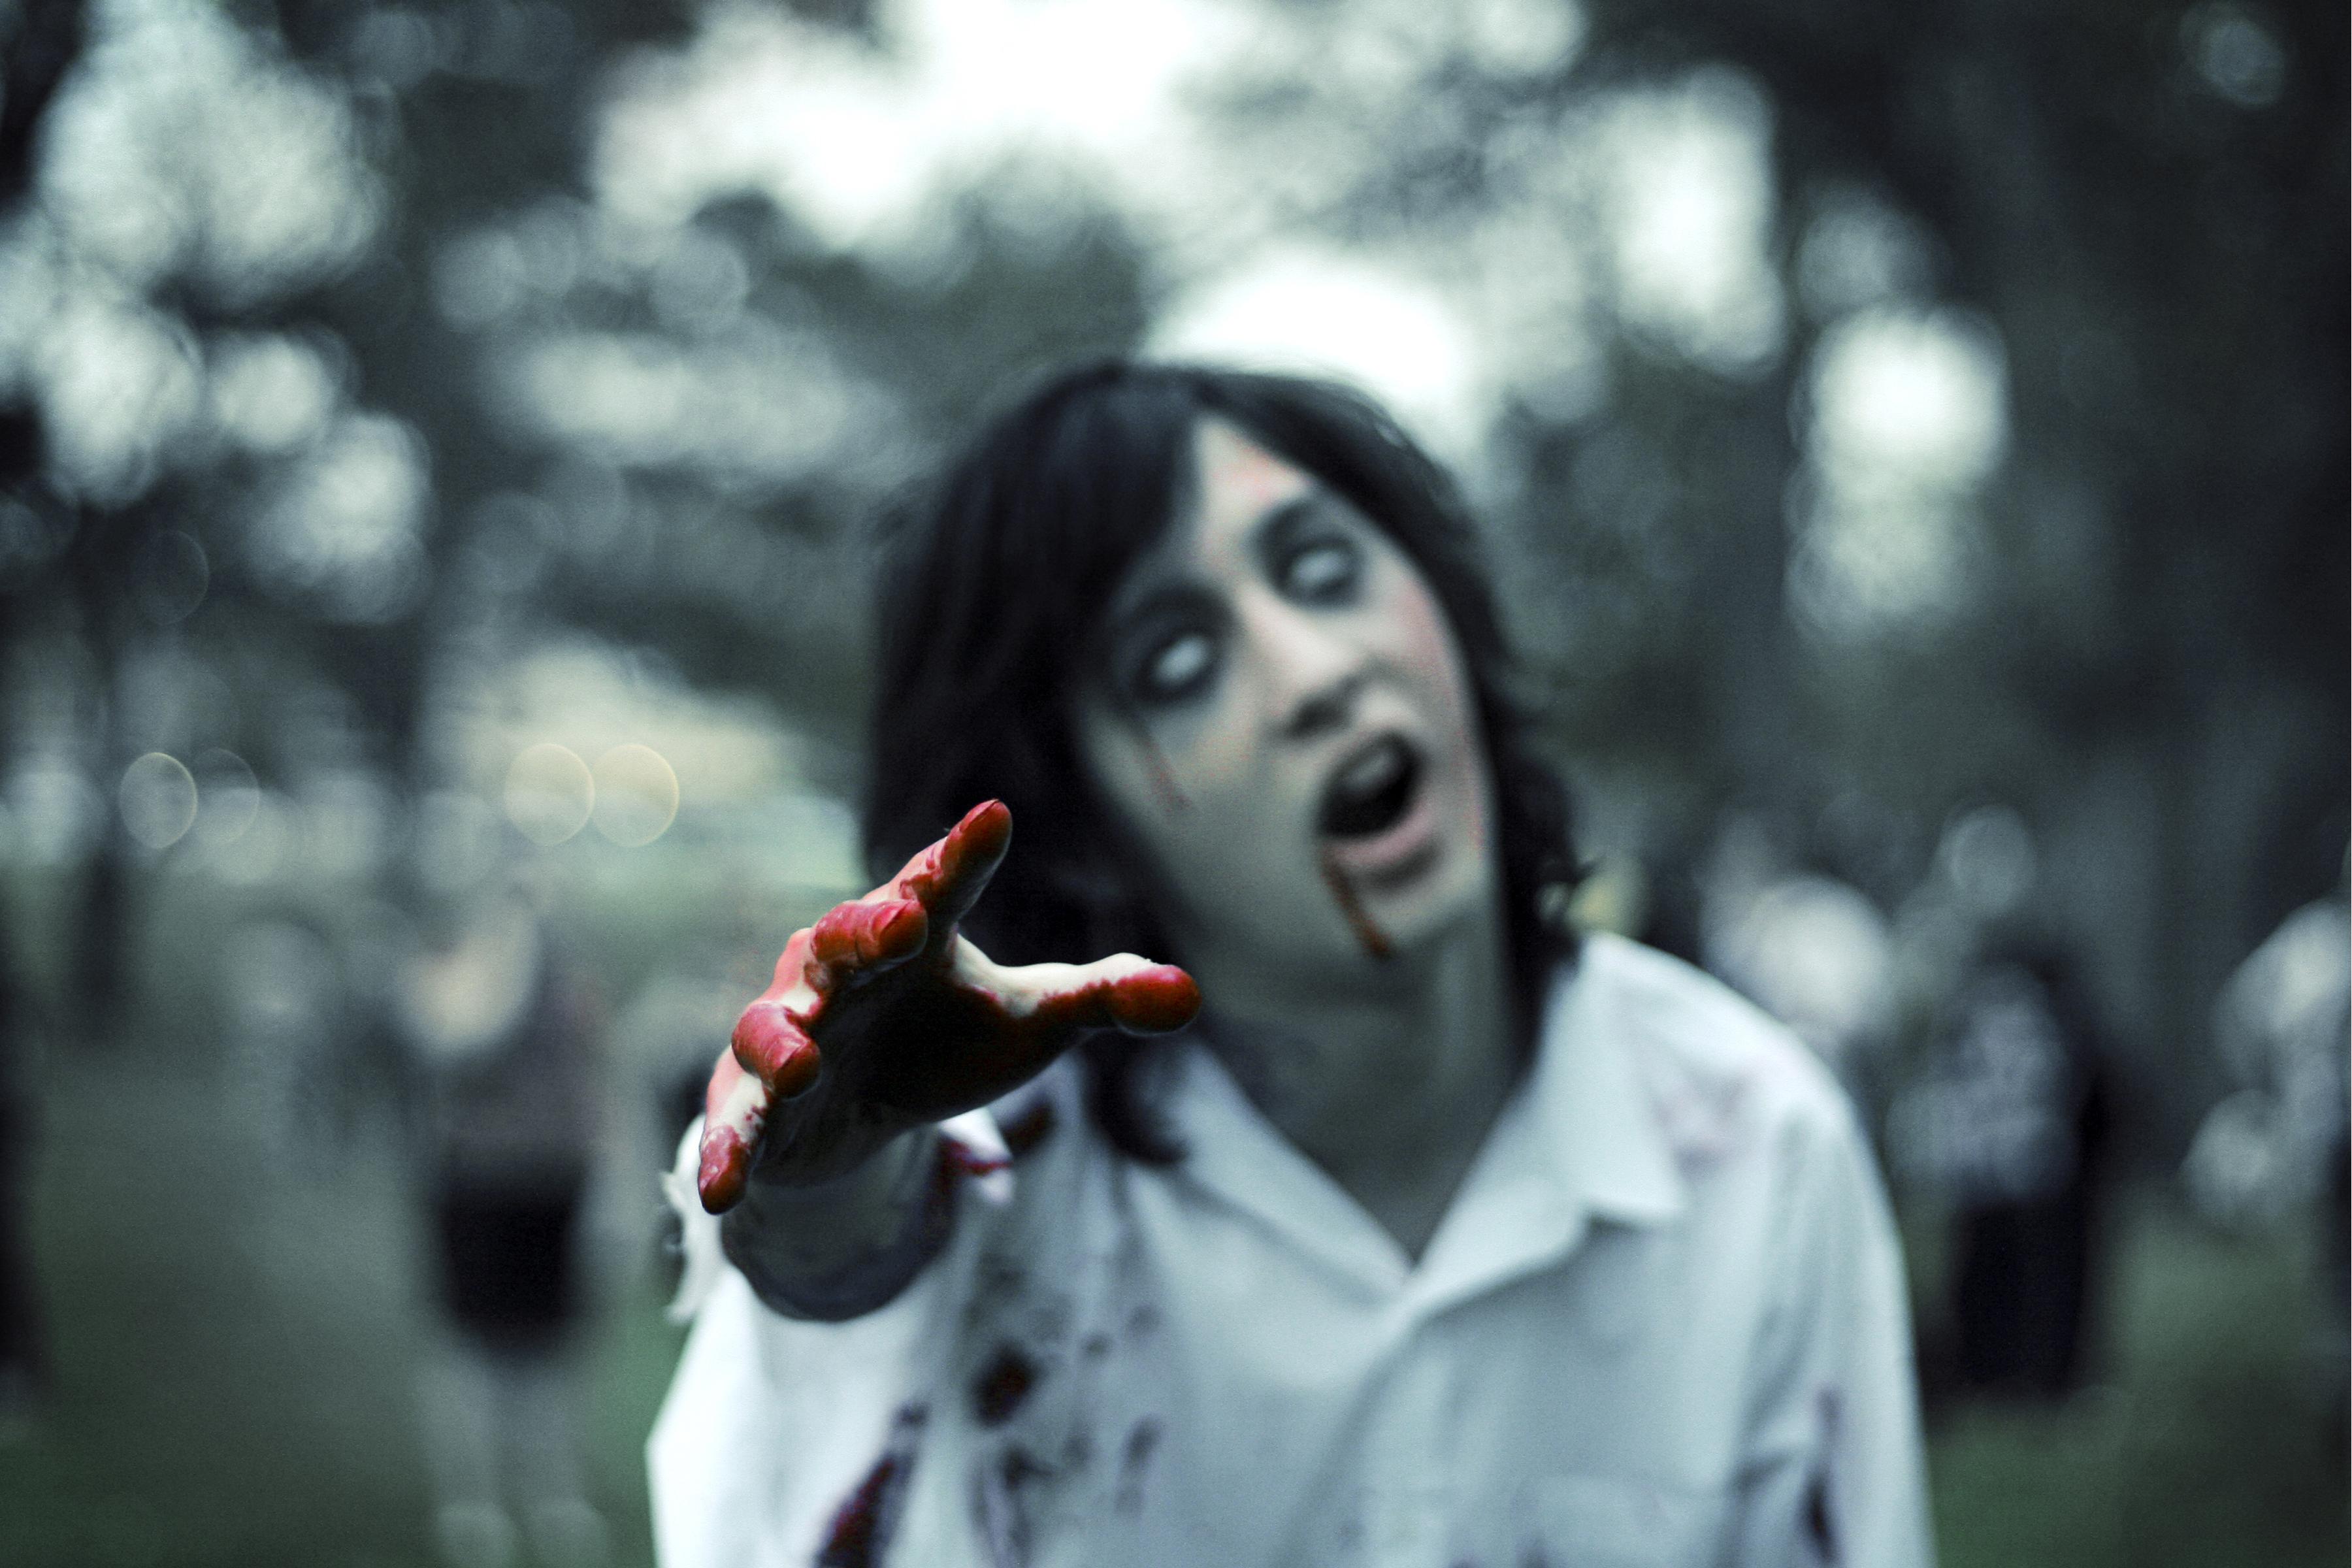 Zombie Apocalypse Essay